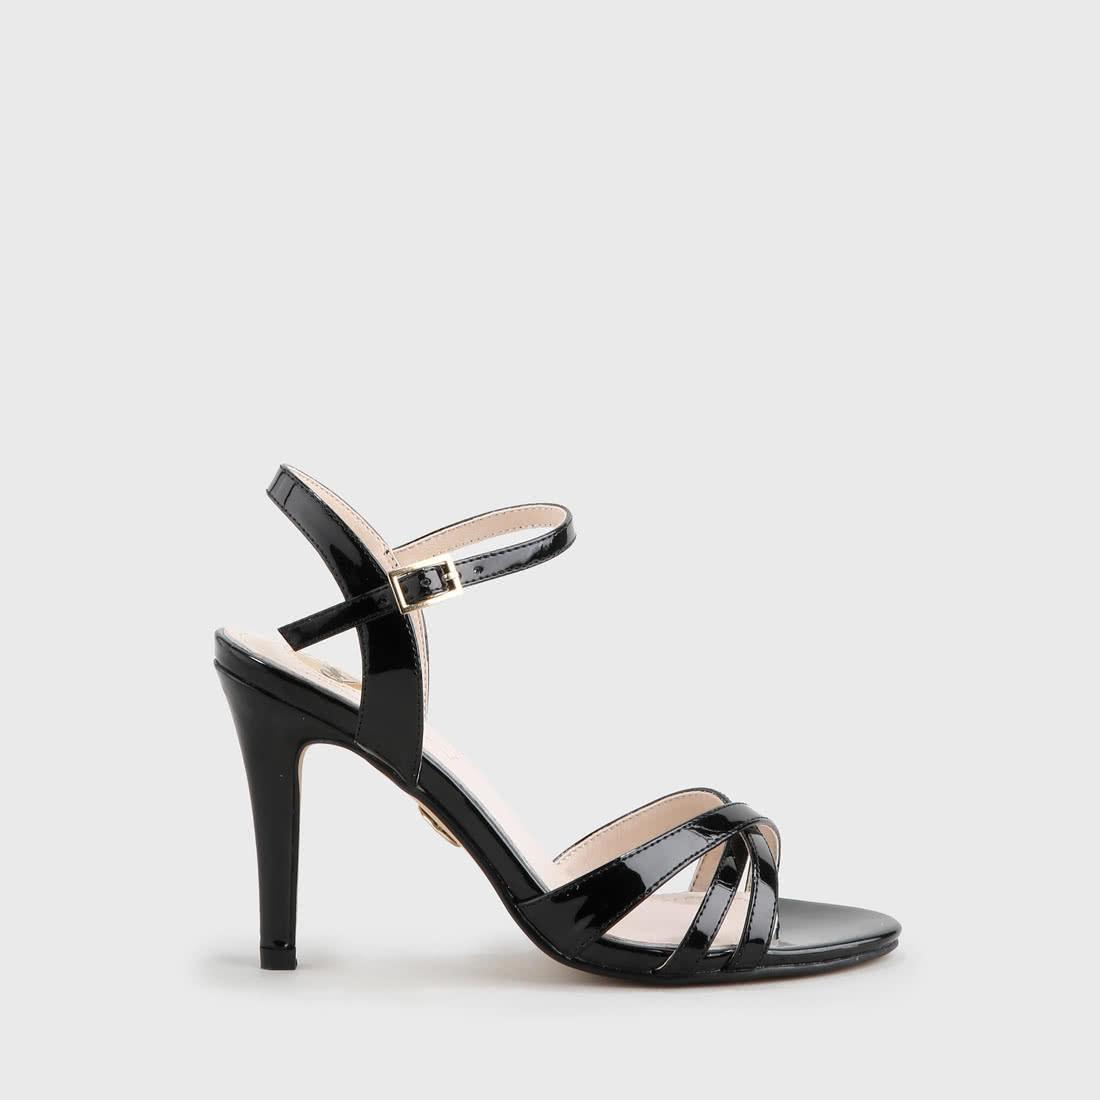 0e0d882586d Anja sandale optique vernie noire acheter à BUFFALO en ligne